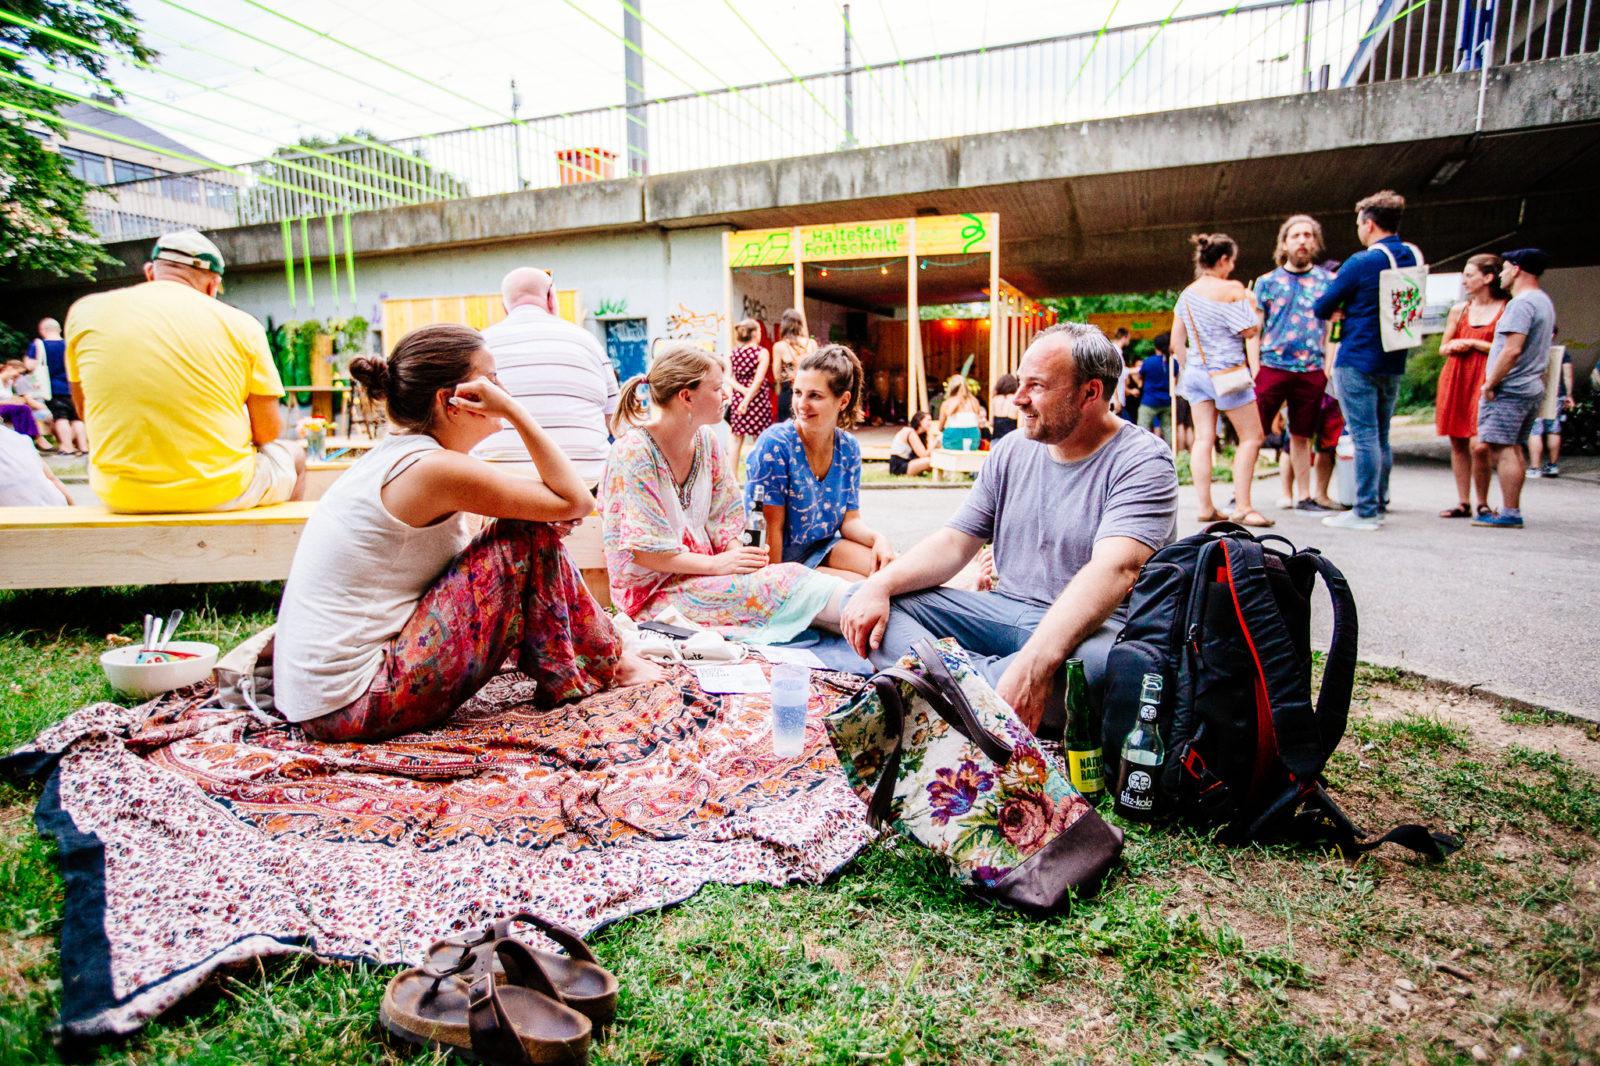 Sonntag Eröffnung Copyright Alexander Münch Haltestelle Fortschritt3